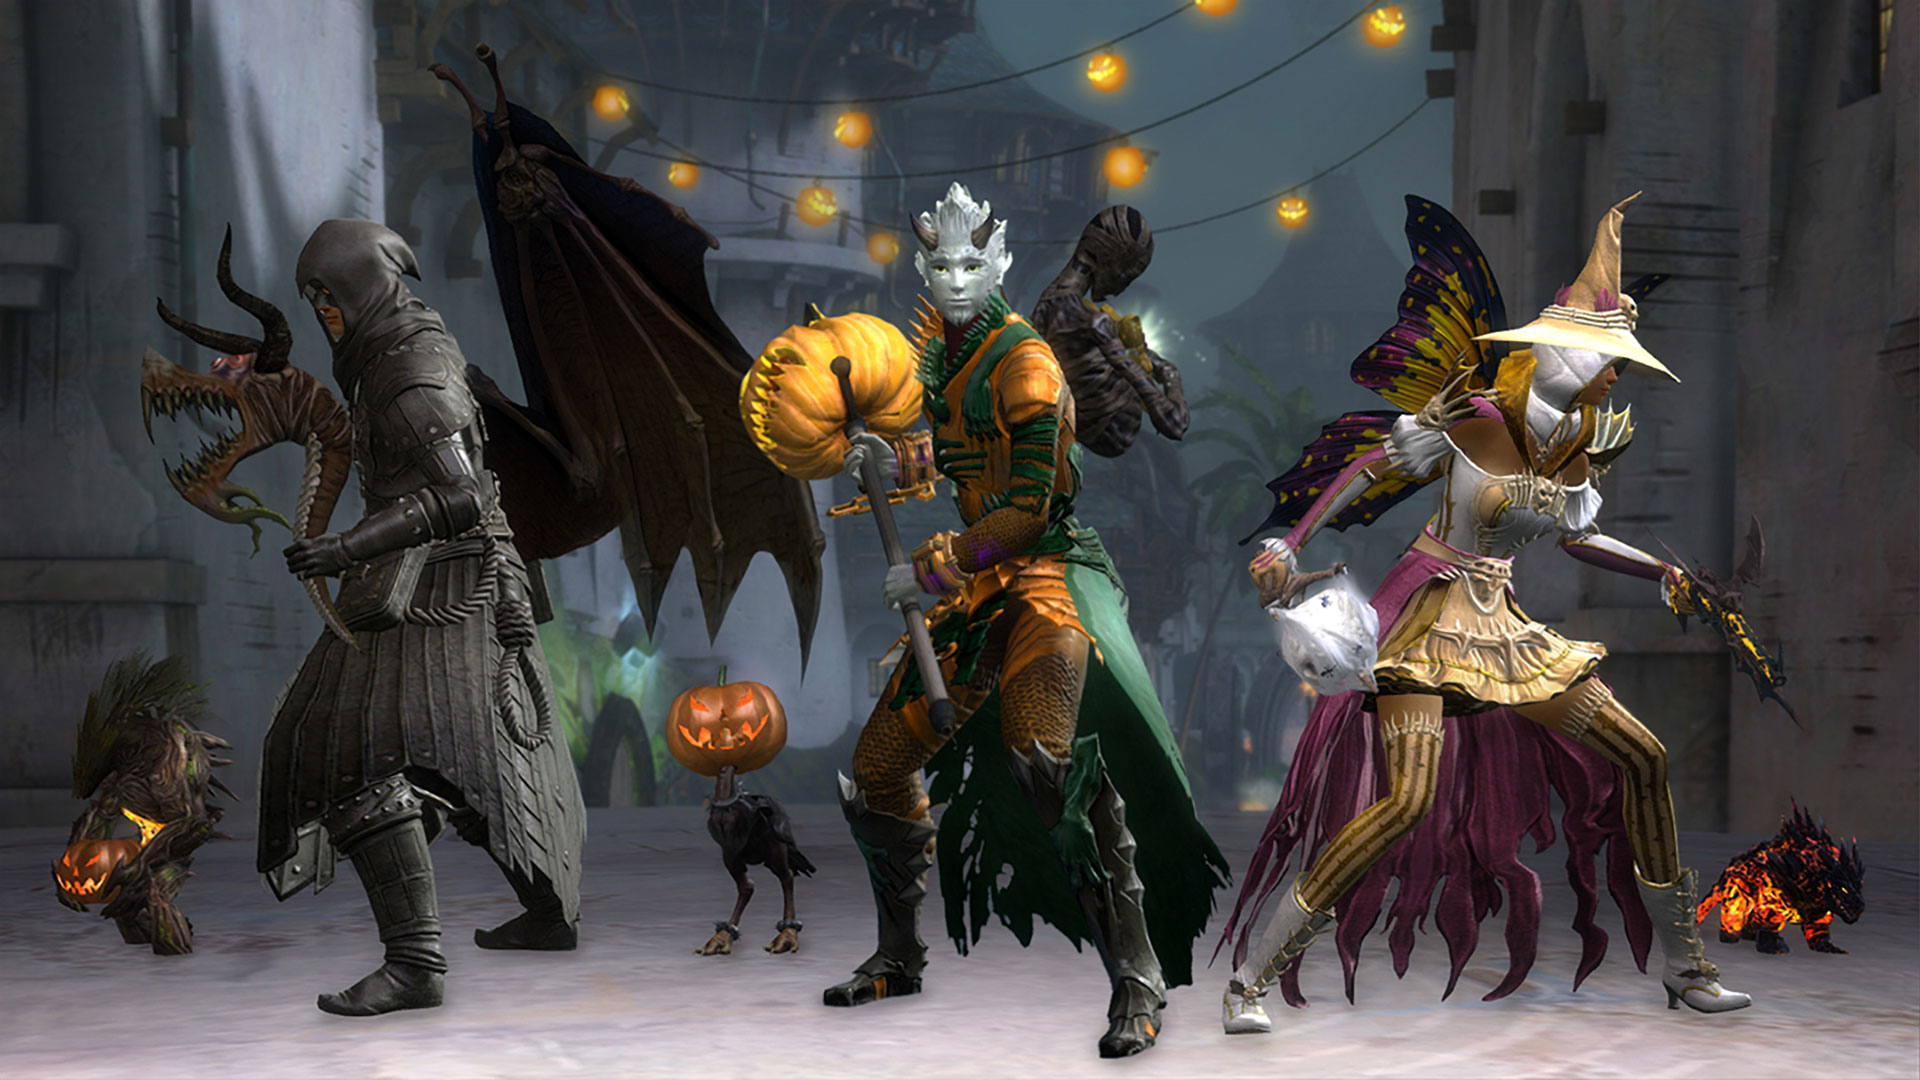 Amazing Wallpaper Halloween Supernatural - b5d8e10_23-SMK-Screenshot-02  Gallery_67158.jpg